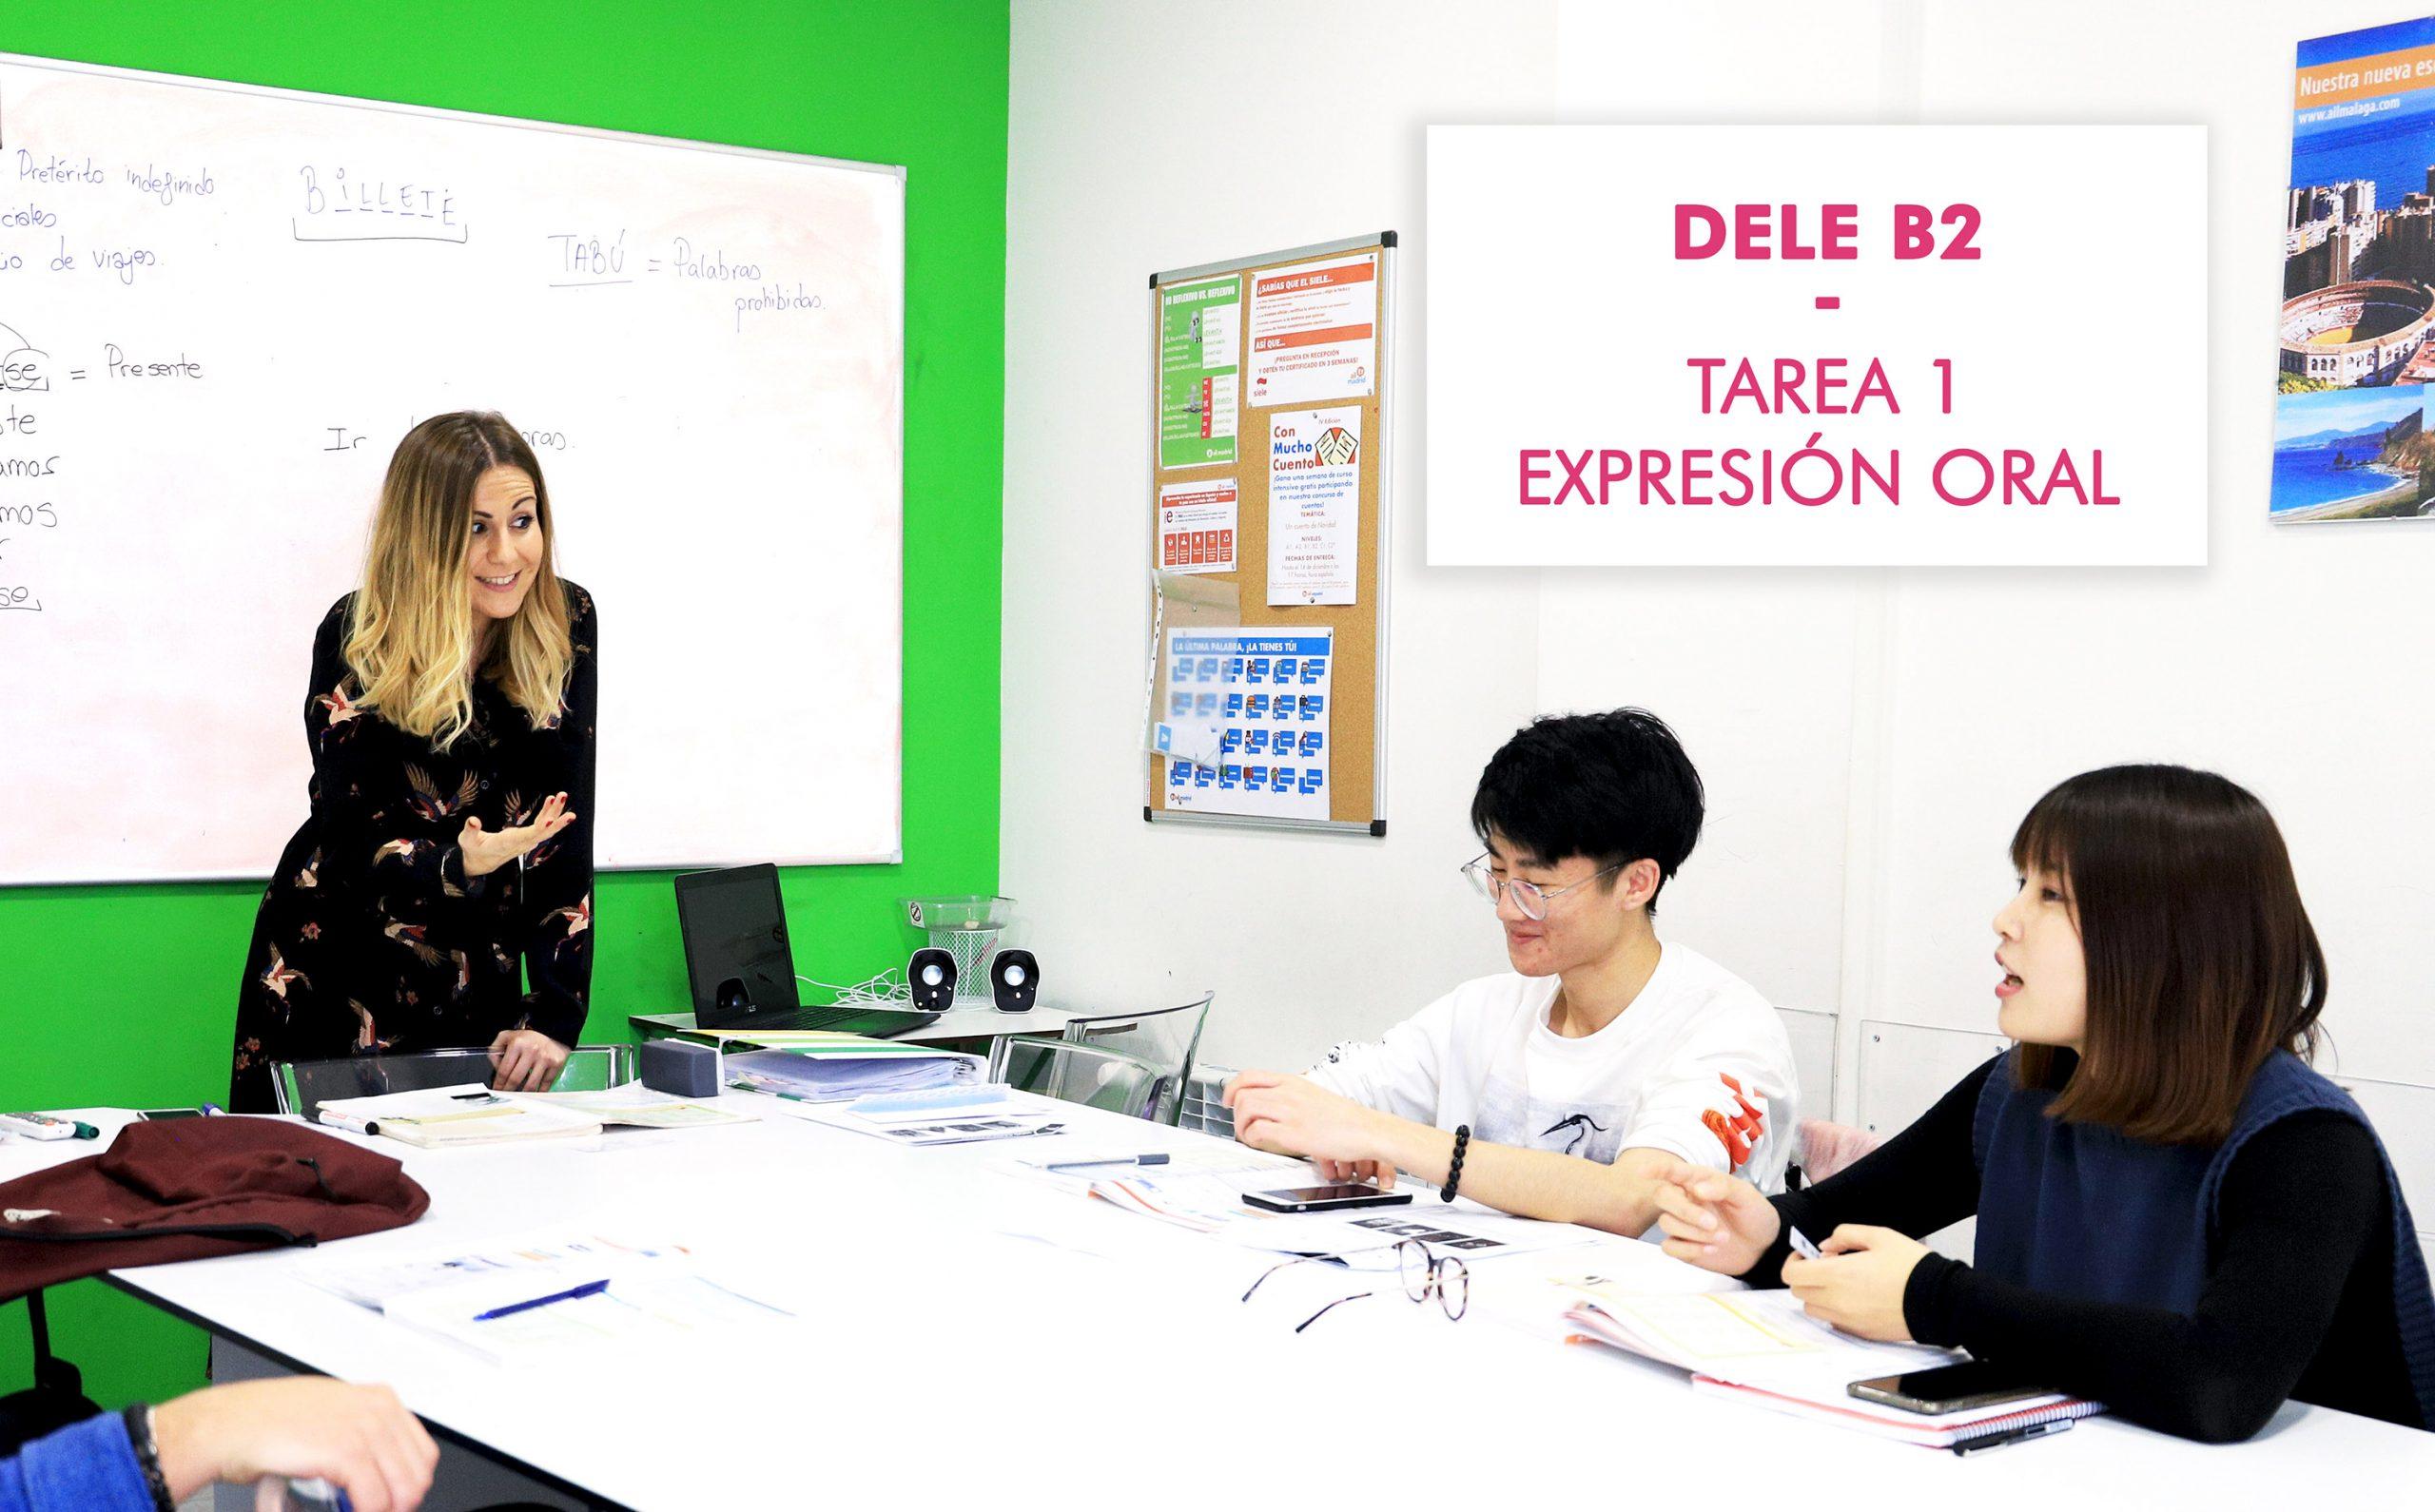 DELE B2 – Tarea 1 expresión oral – Consejos para superar la prueba